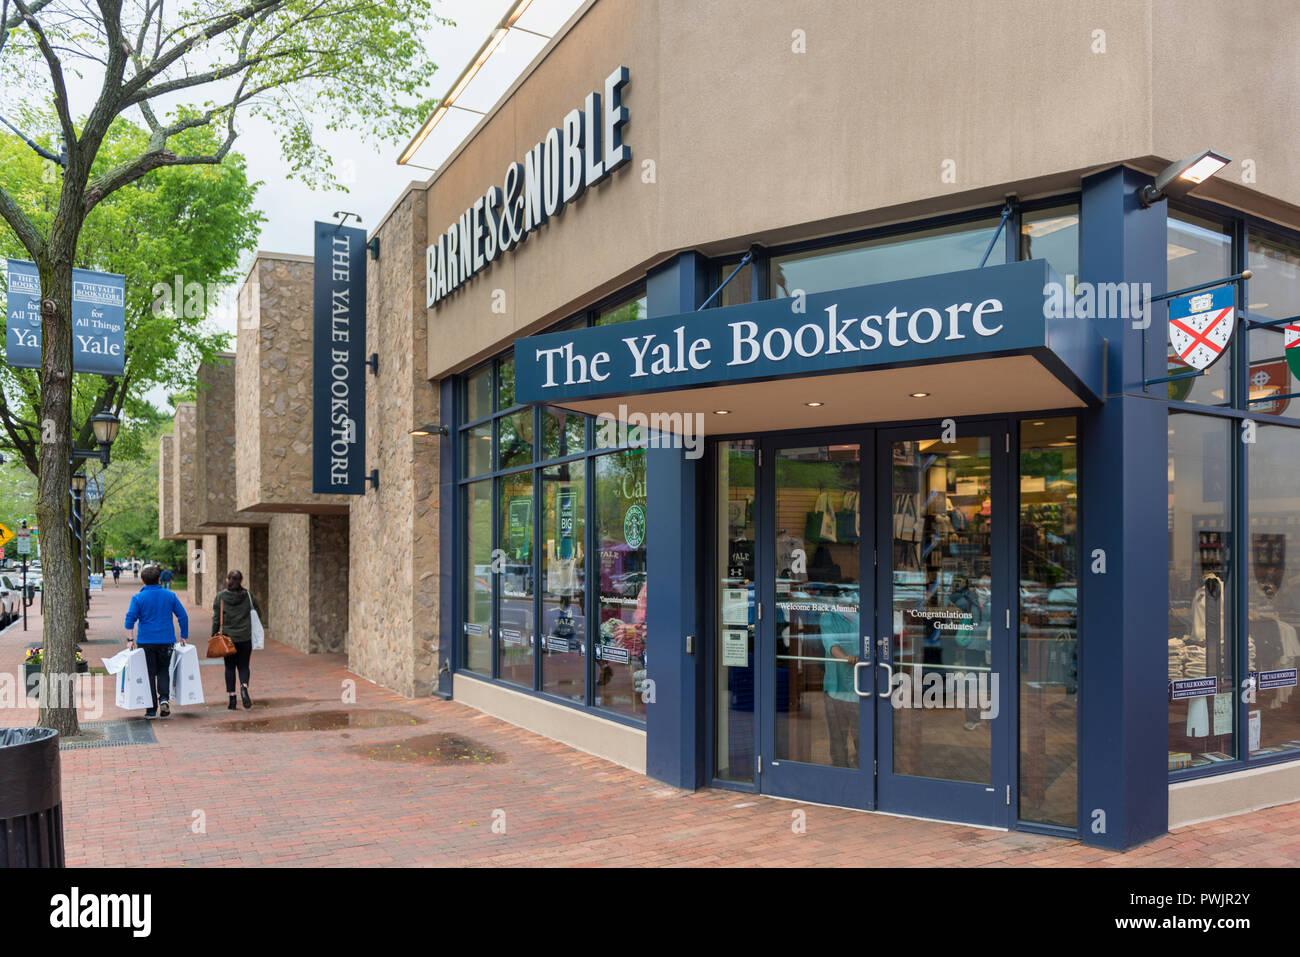 Librería de Yale en New Haven, Connecticut, Estados Unidos. Yale es una universidad privada de investigación Ivy League en New Haven, Connecticut, EE.UU. y fue fundada en 1701. Imagen De Stock